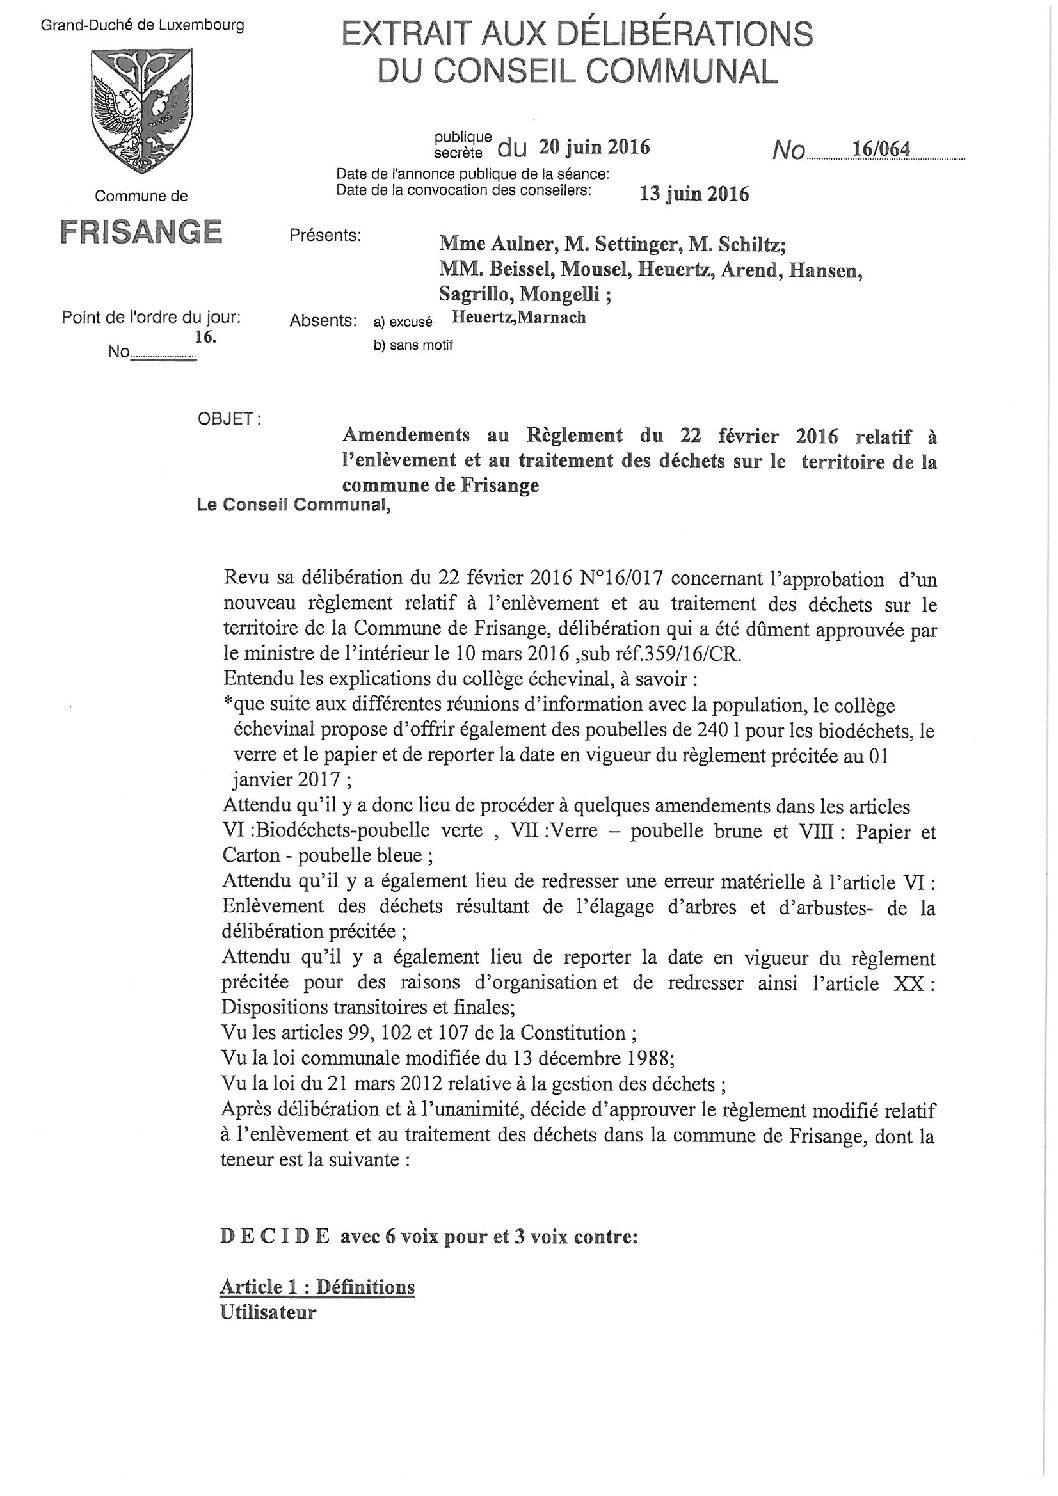 Règlements sur traitement des déchets (1)